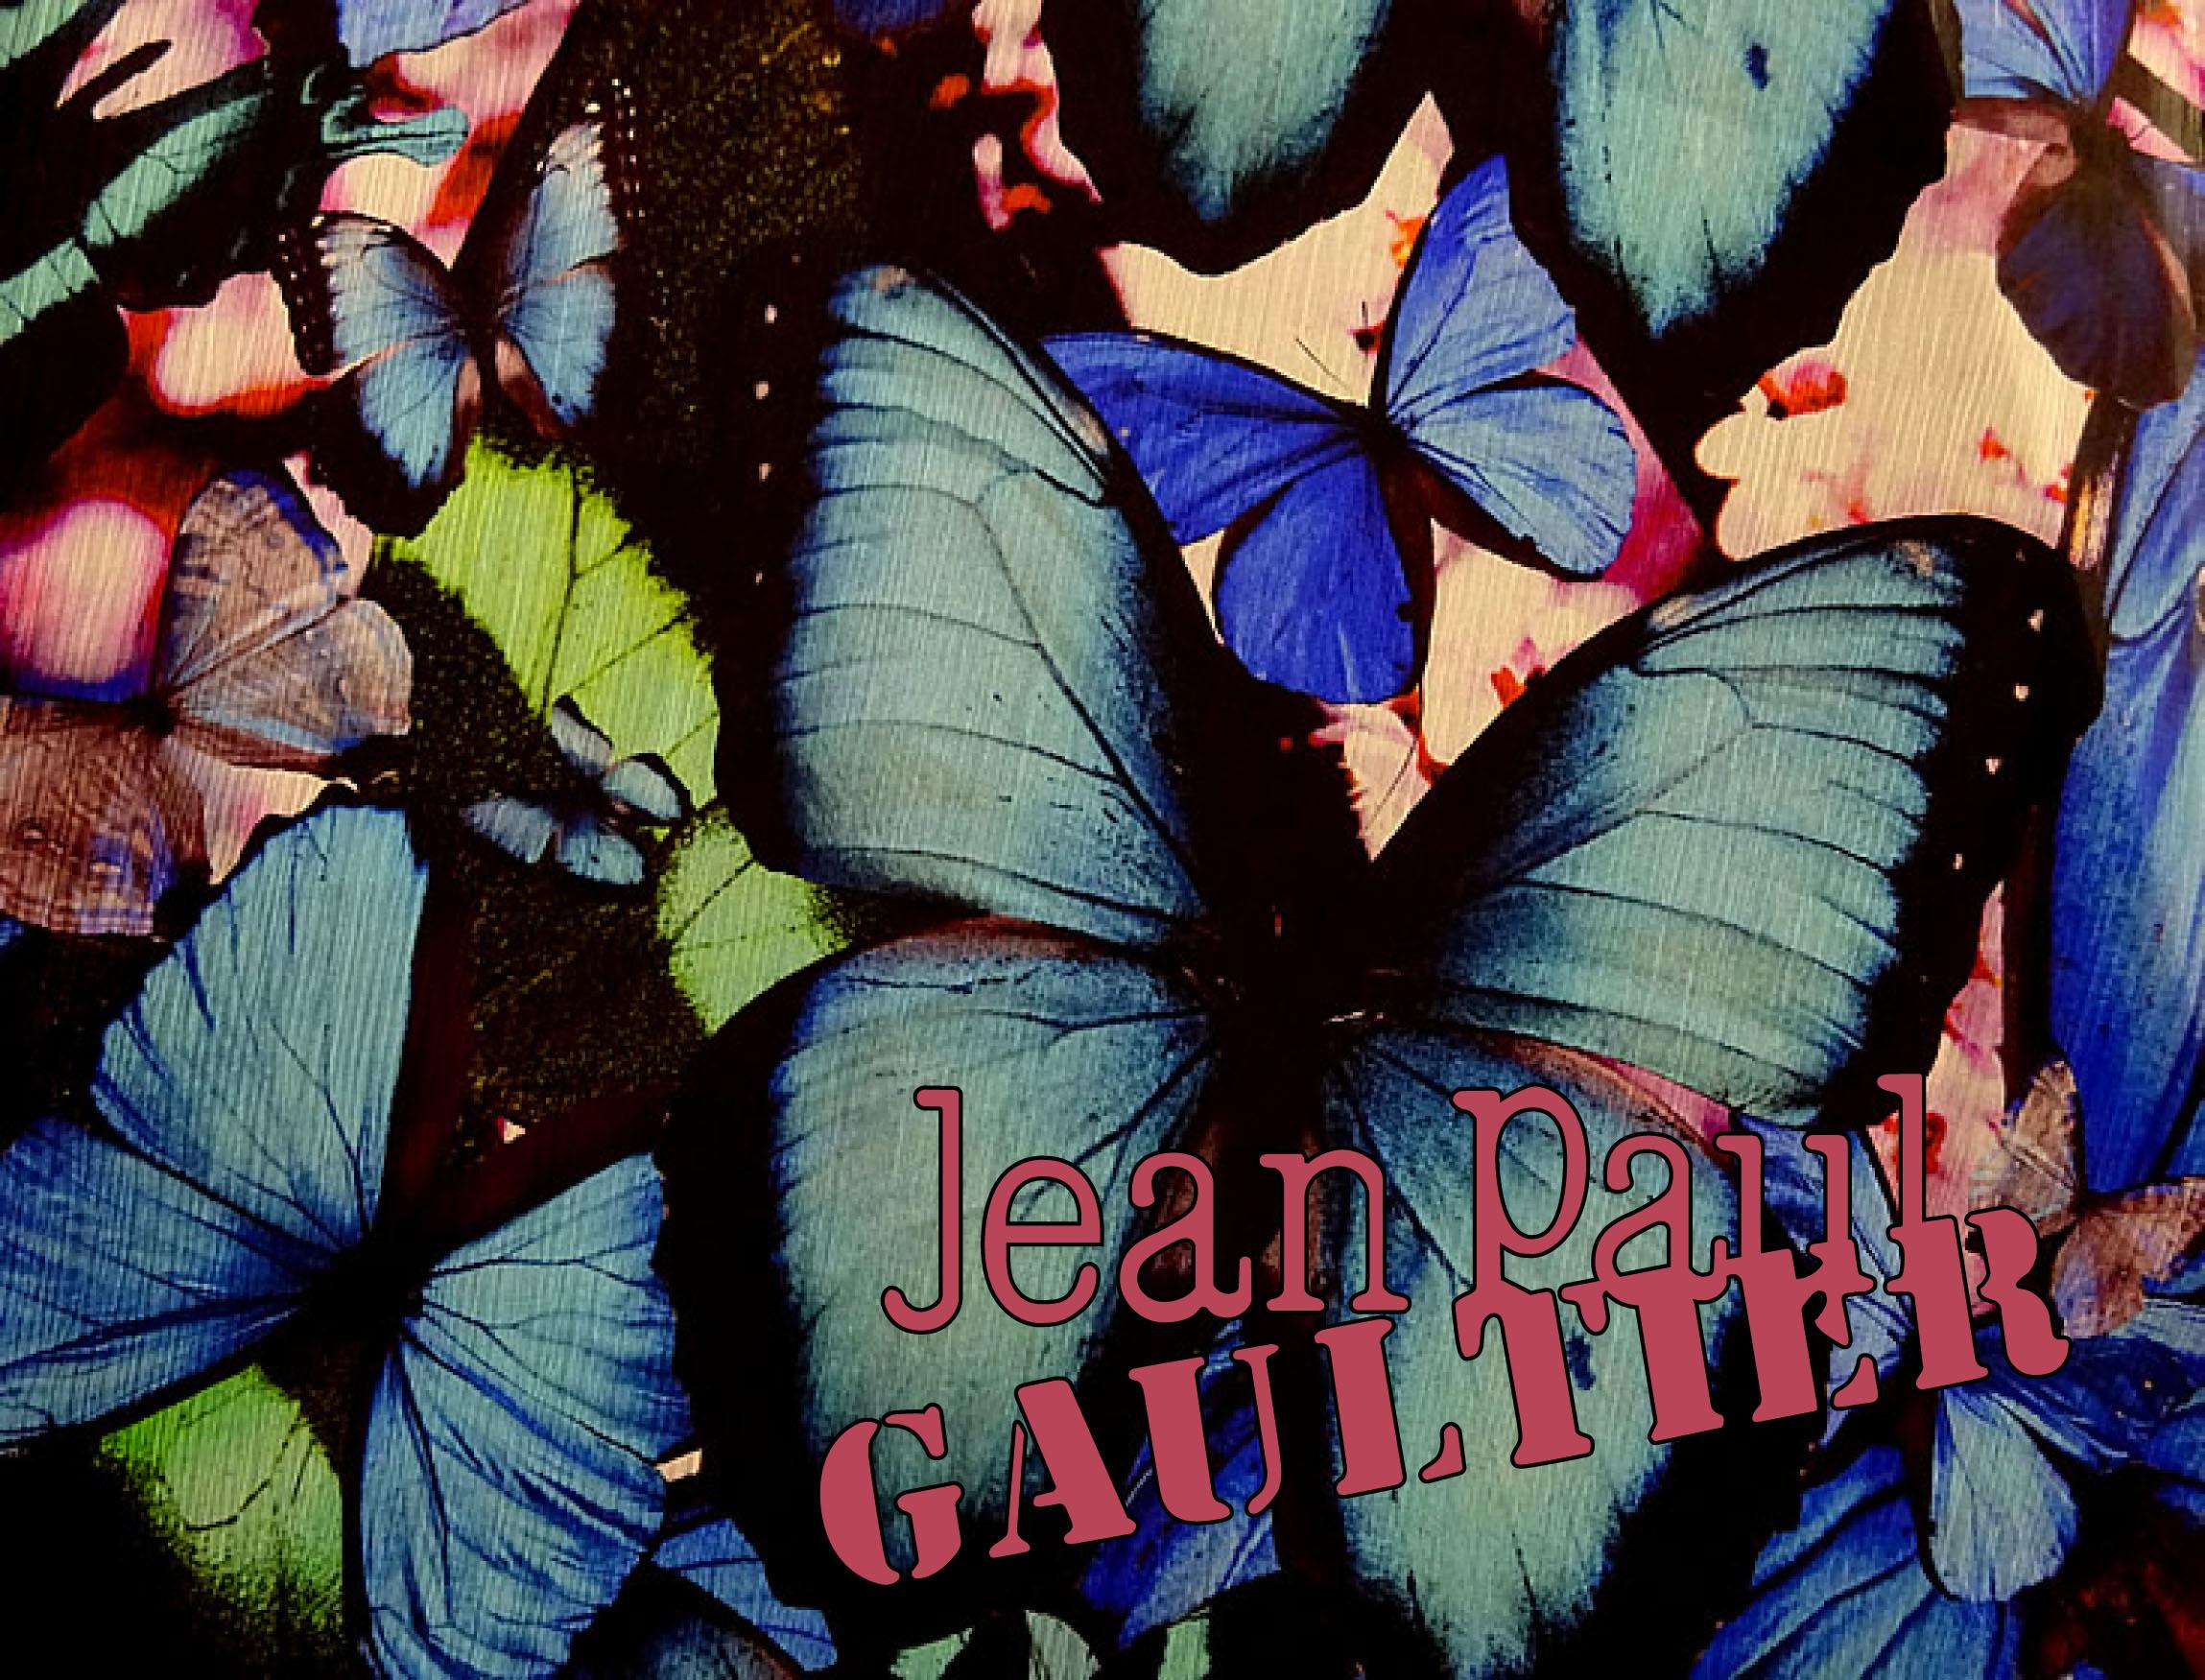 JeanPaulGAULTIER,ジャンポールゴルチェ